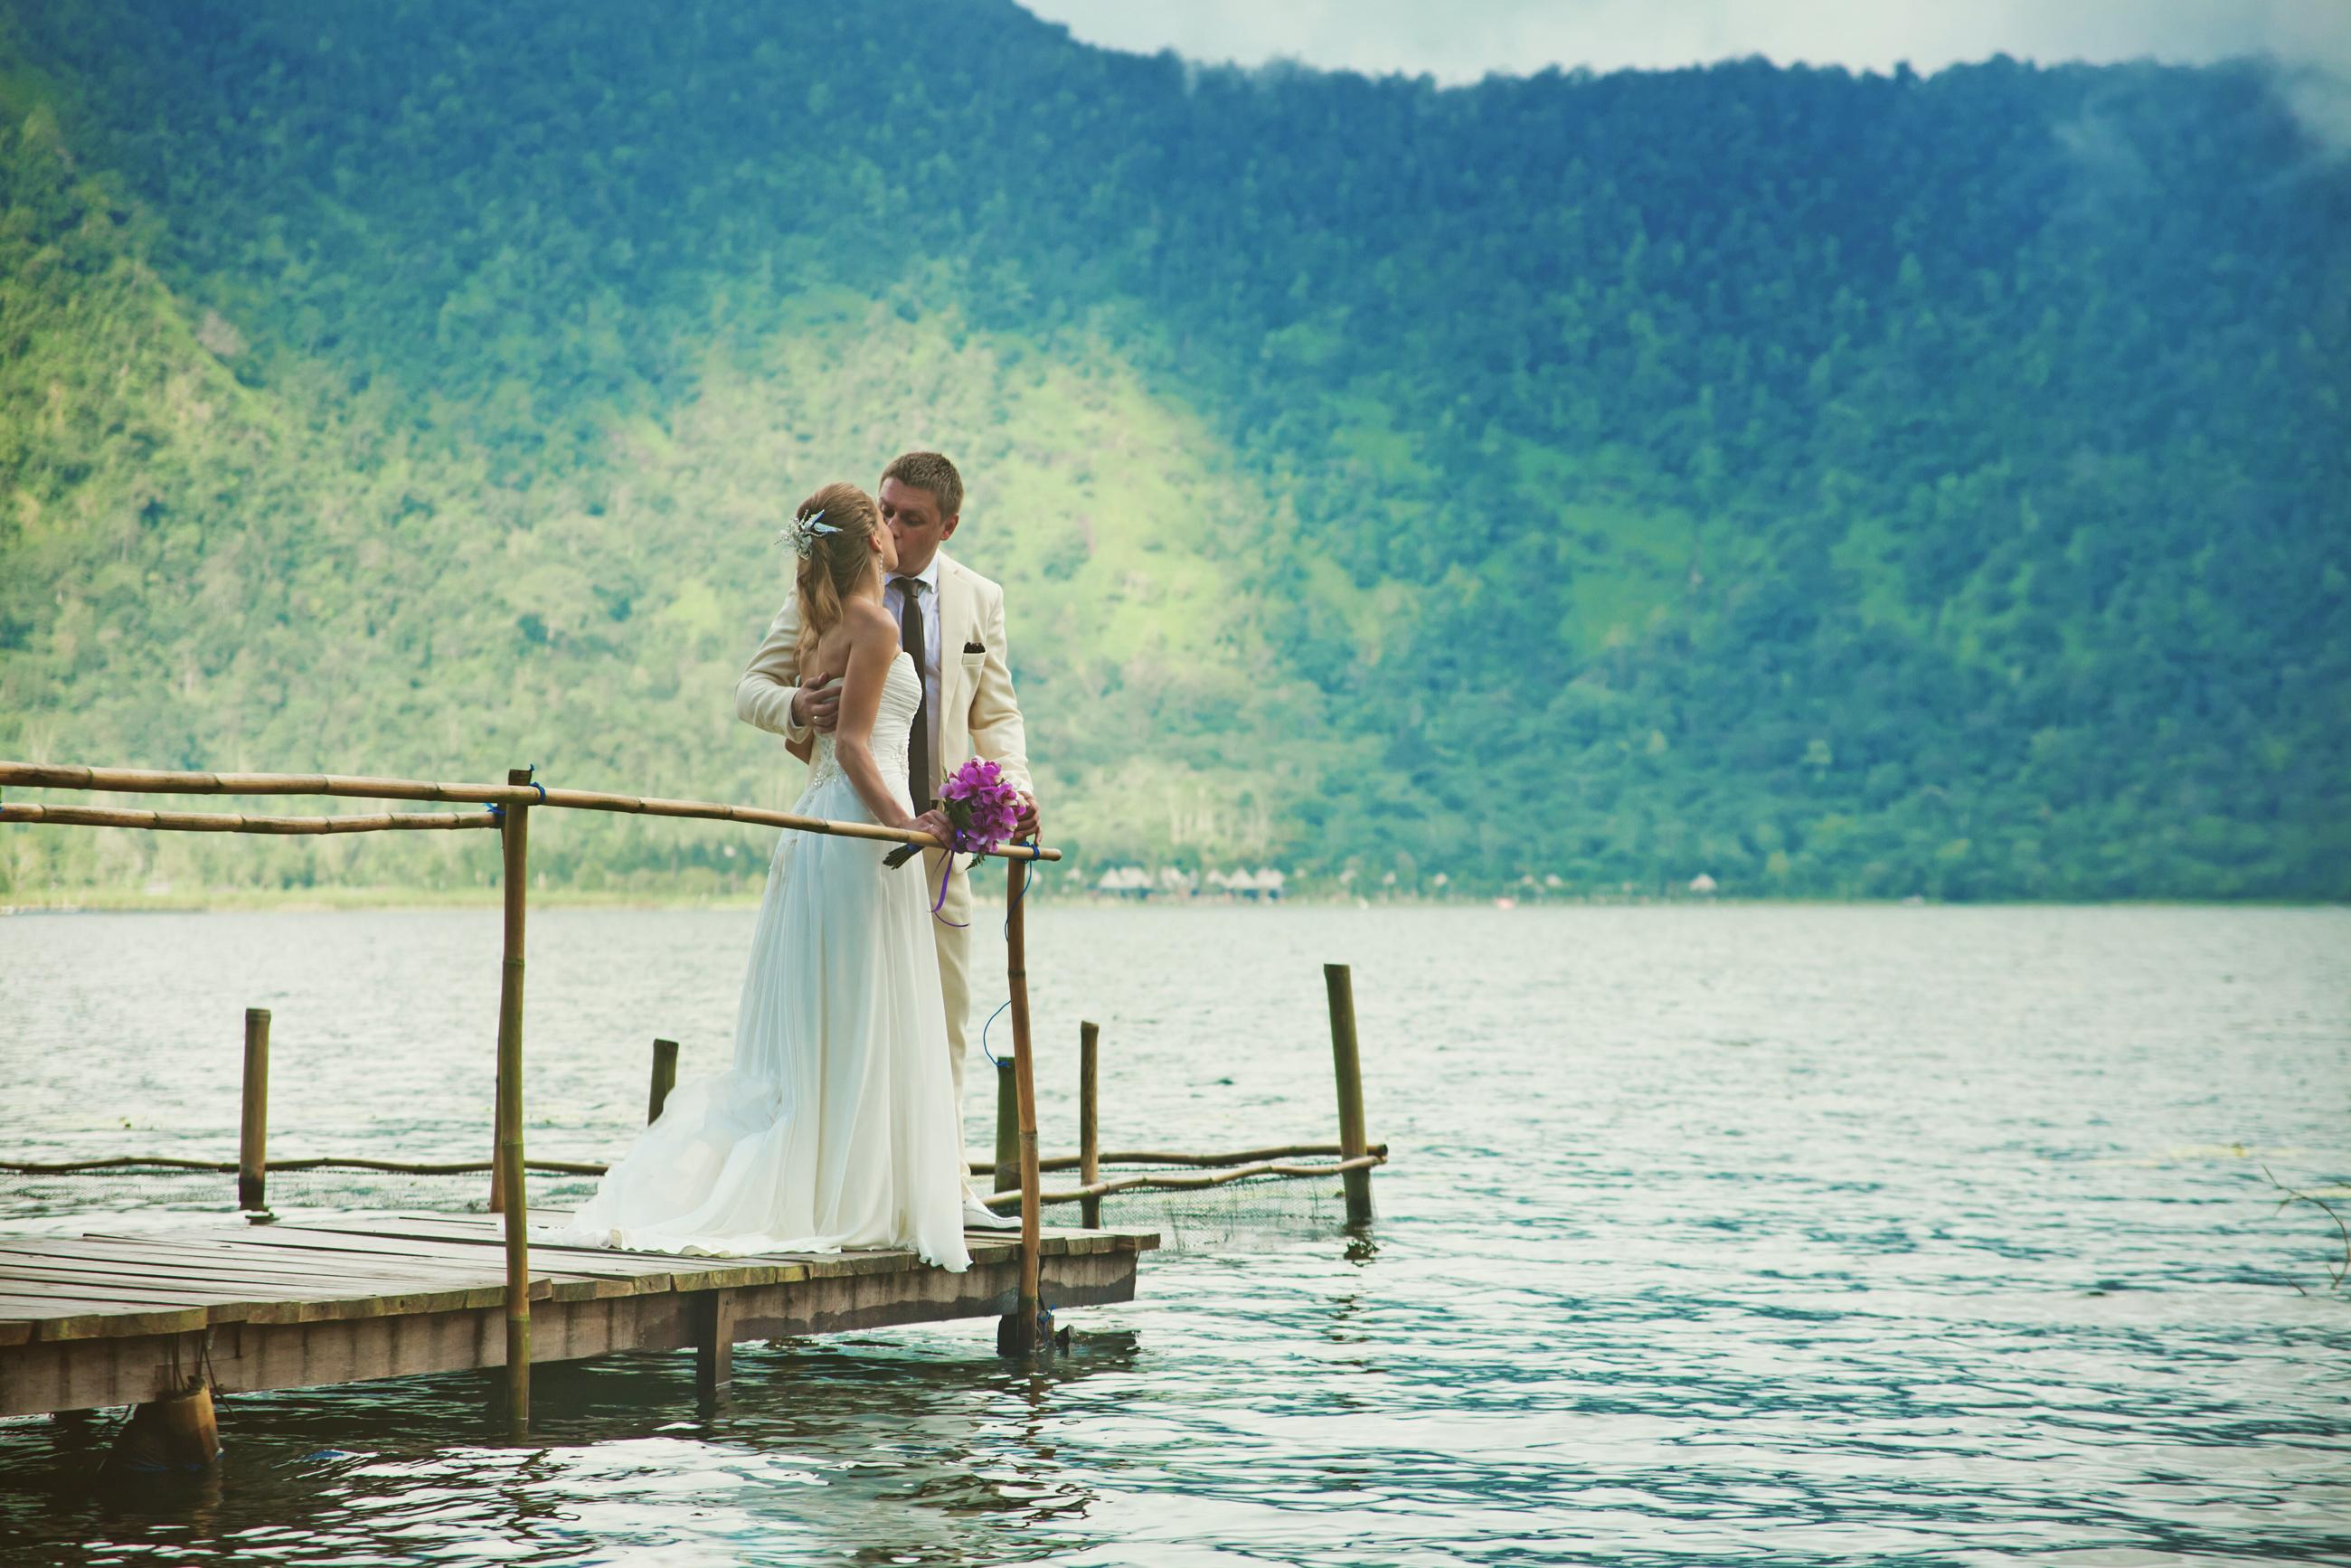 Где провести свадебное путешествие в сентябре